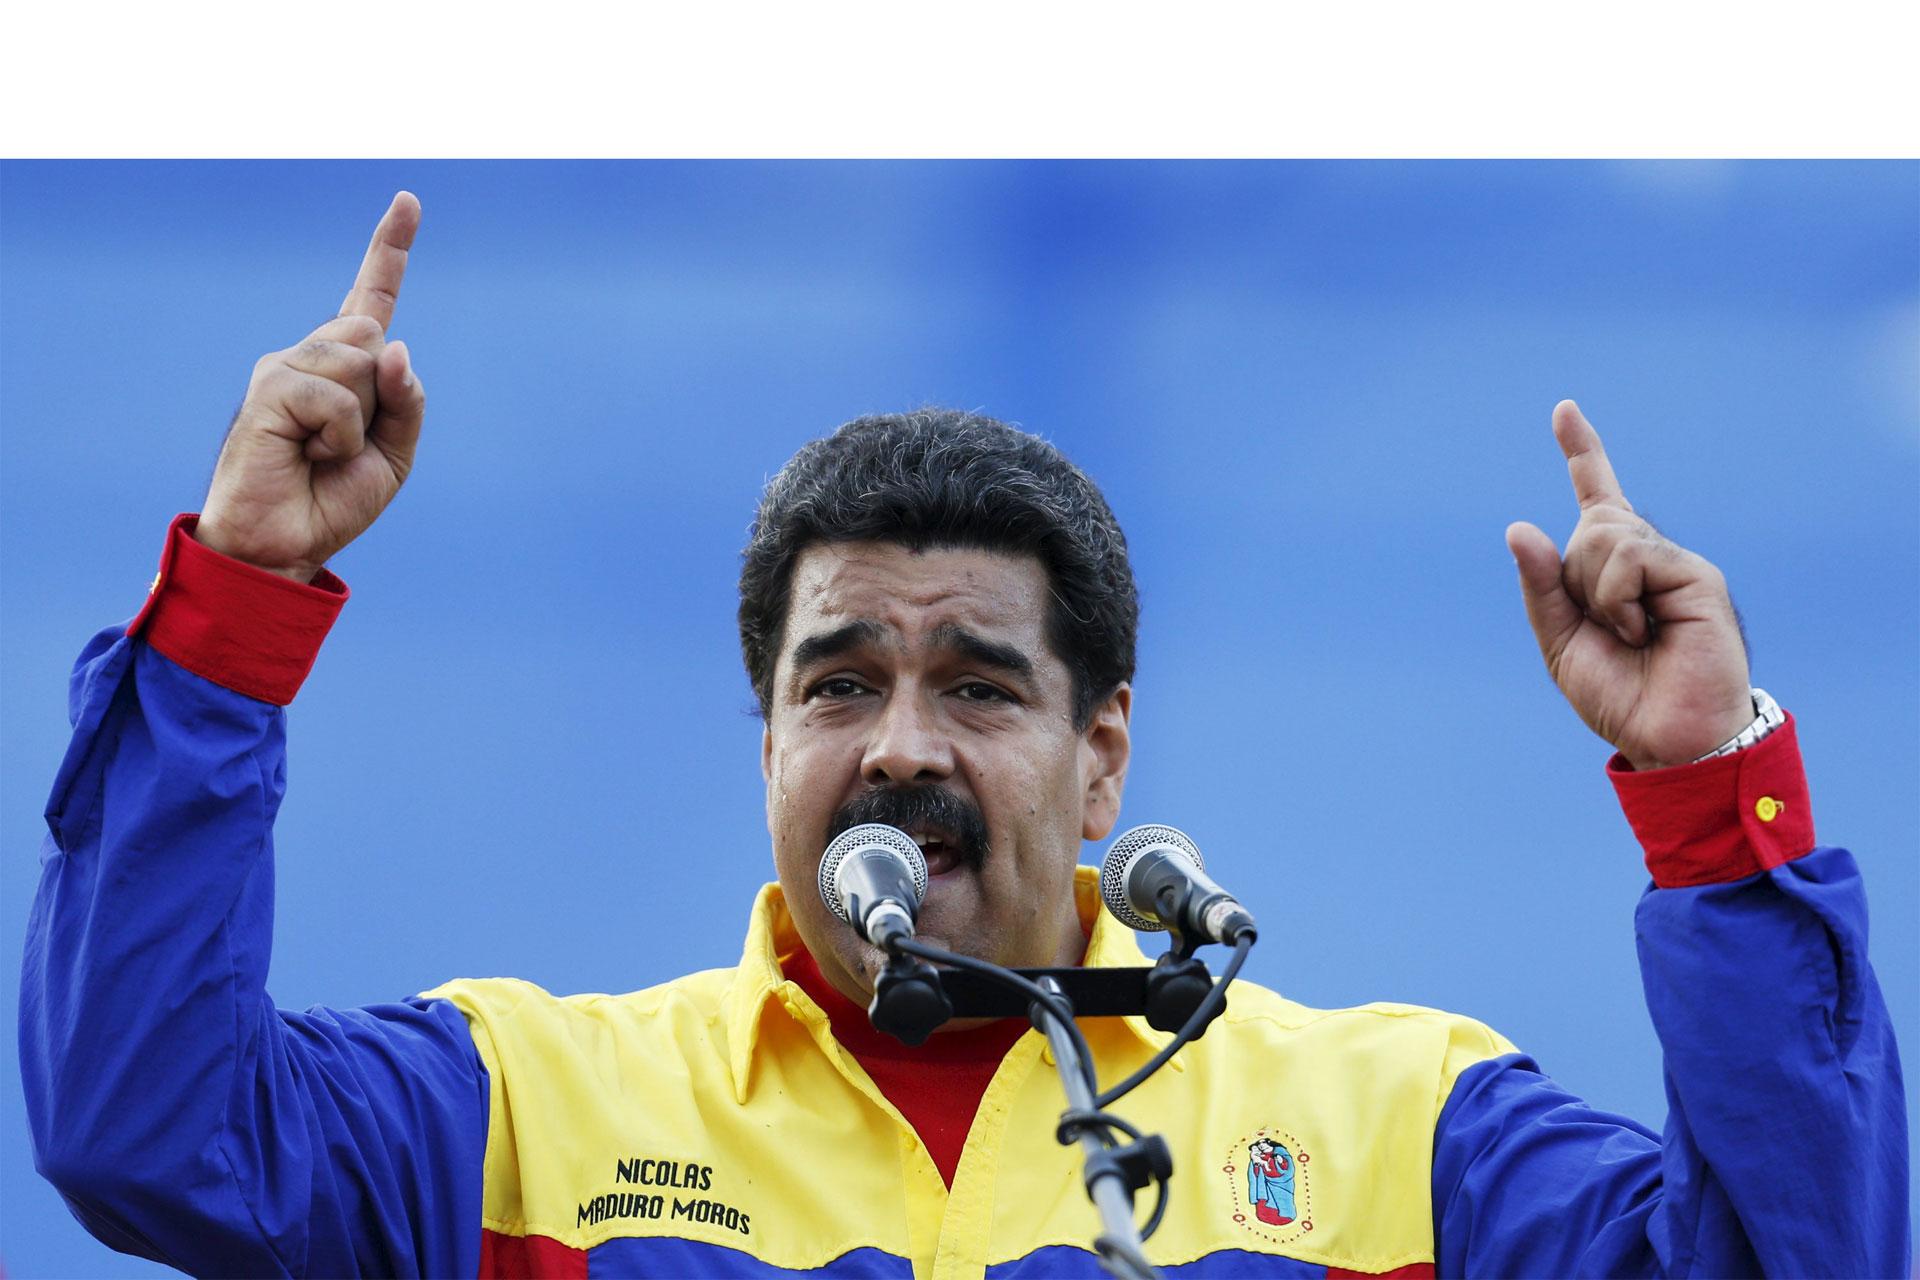 El presidente de Venezuela aseguró que aceptarán la voluntad del pueblo y que garantizarán la seguridad de los ciudadanos